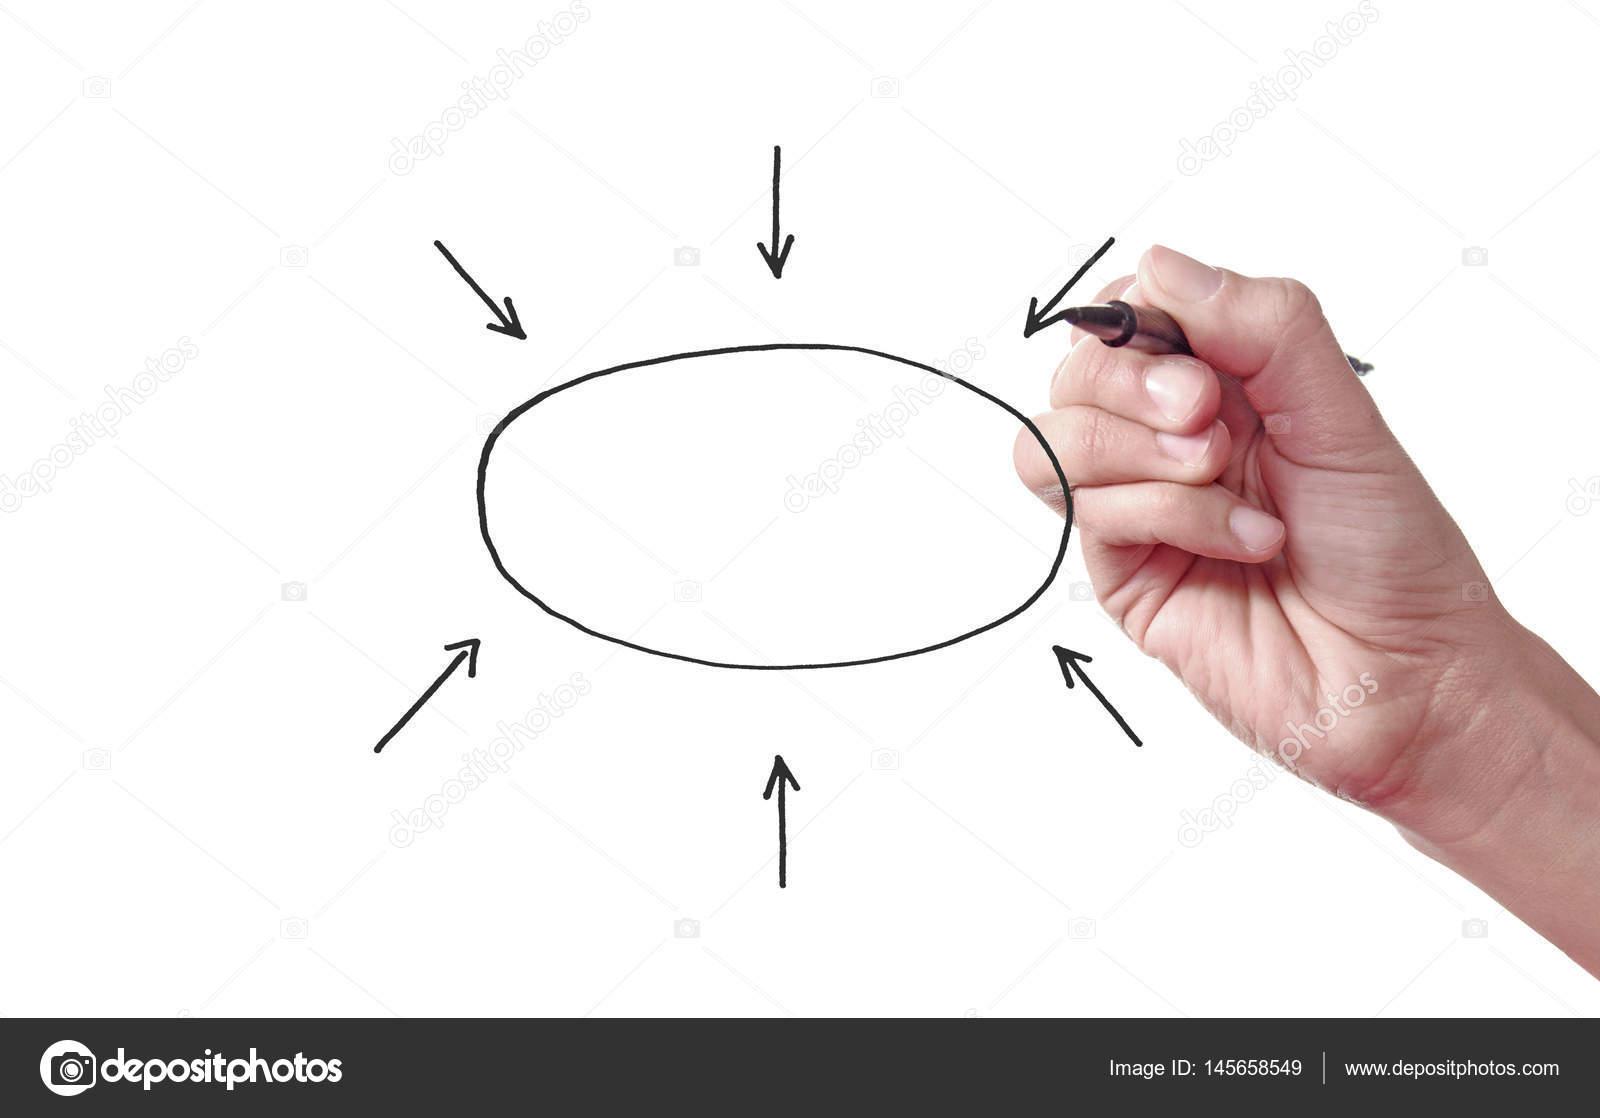 Diagrama de vaco de diagrama de flujo fotos de stock nupix diagrama de vaco de diagrama de flujo fotos de stock ccuart Image collections